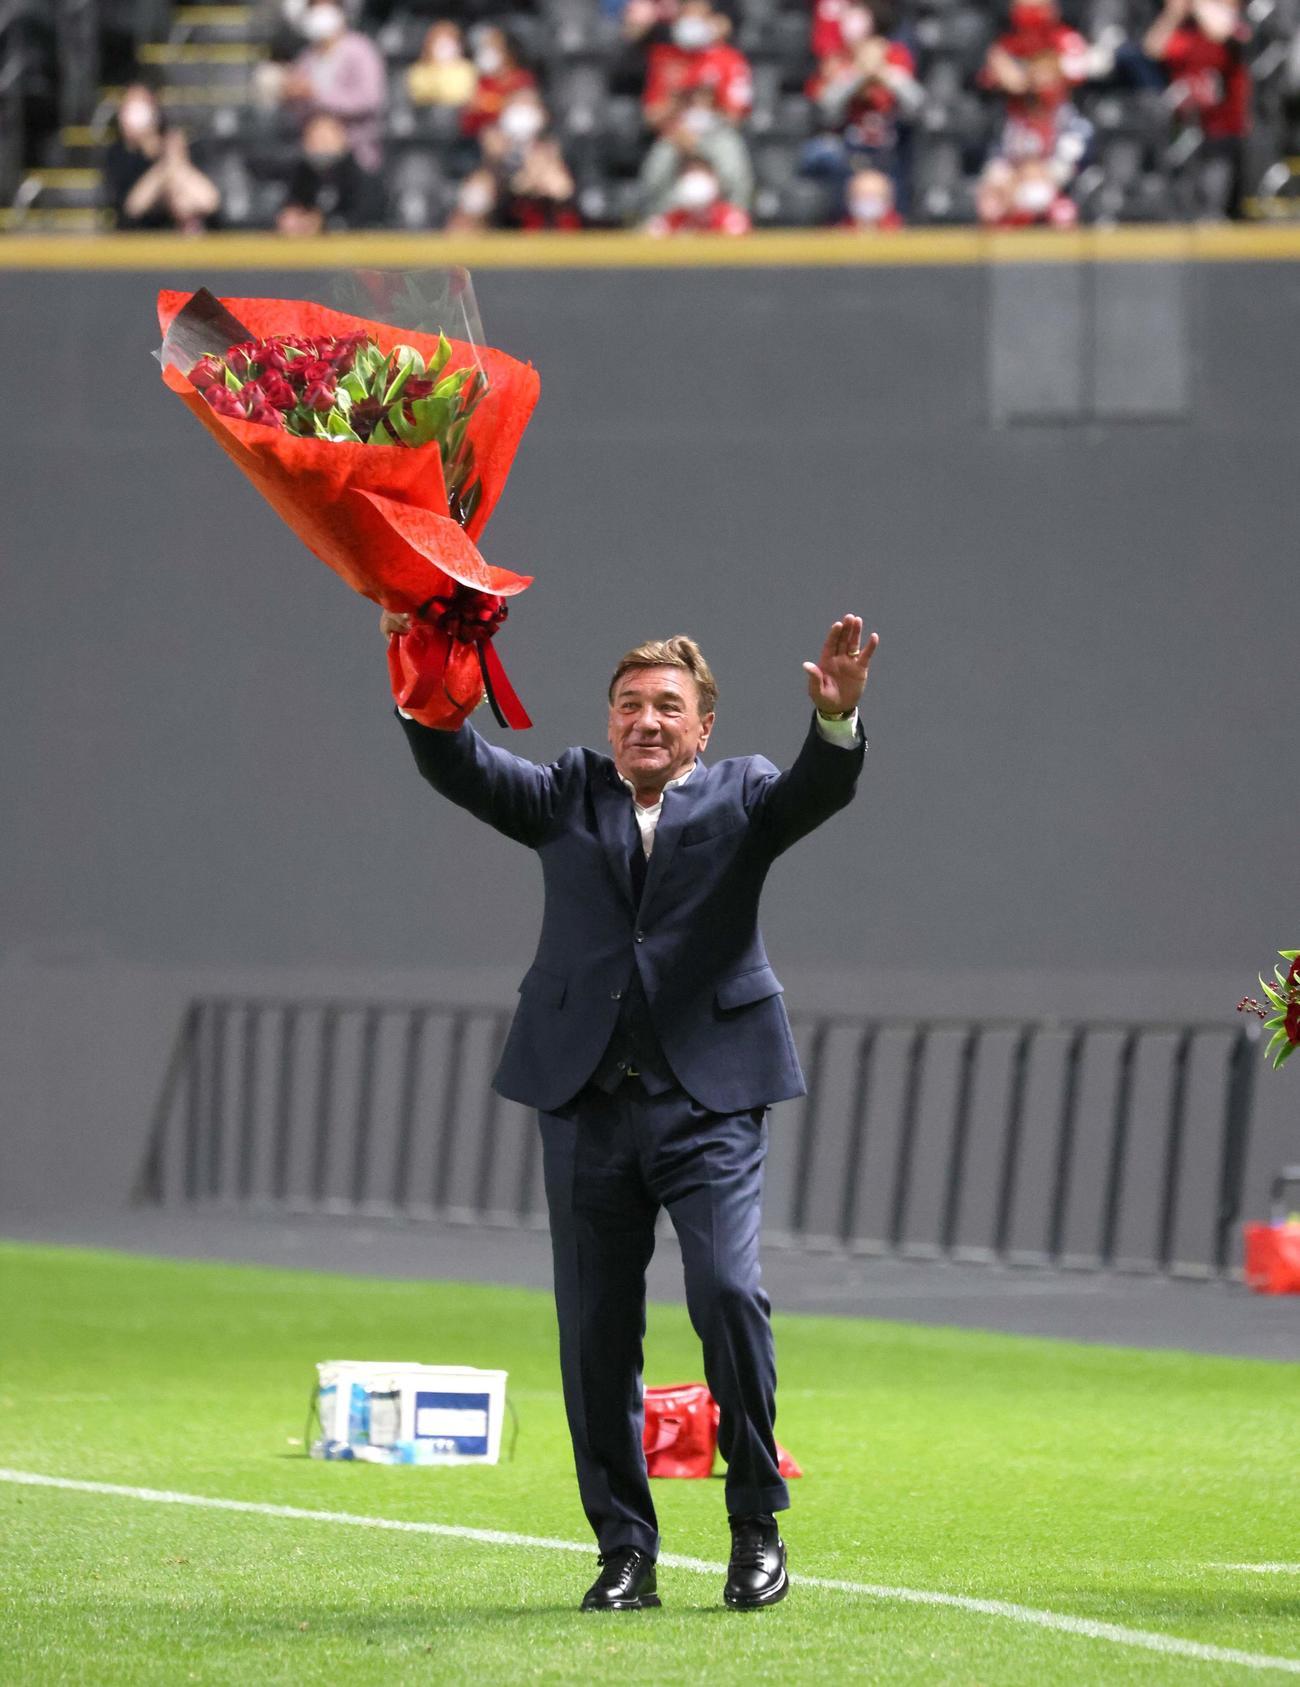 札幌対横浜FC 試合後、スタンドに向かって花束を掲げるペトロビッチ監督(撮影・黒川智章)